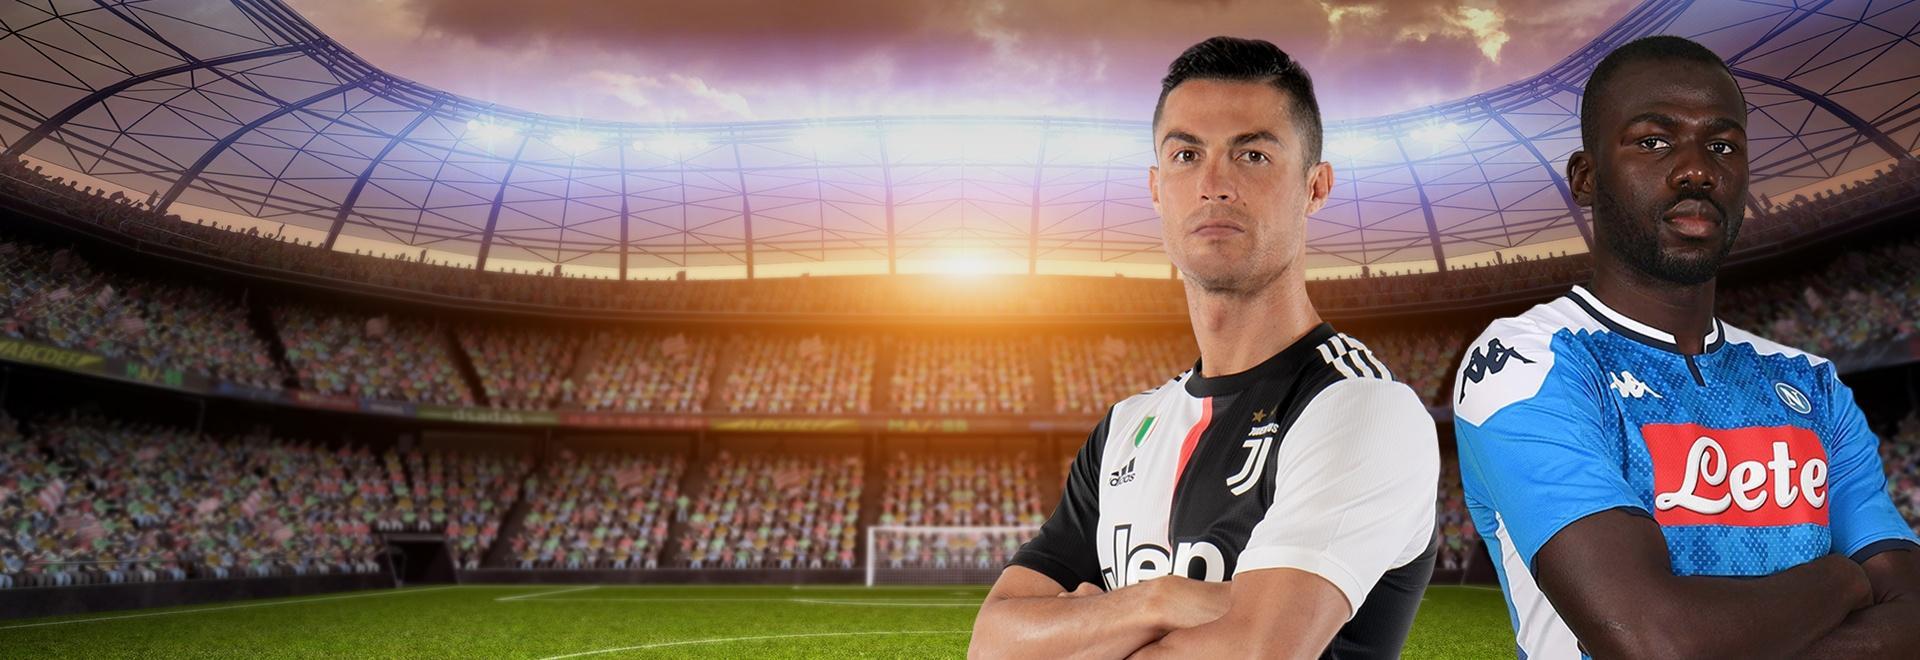 Juventus - Napoli. 2a g.